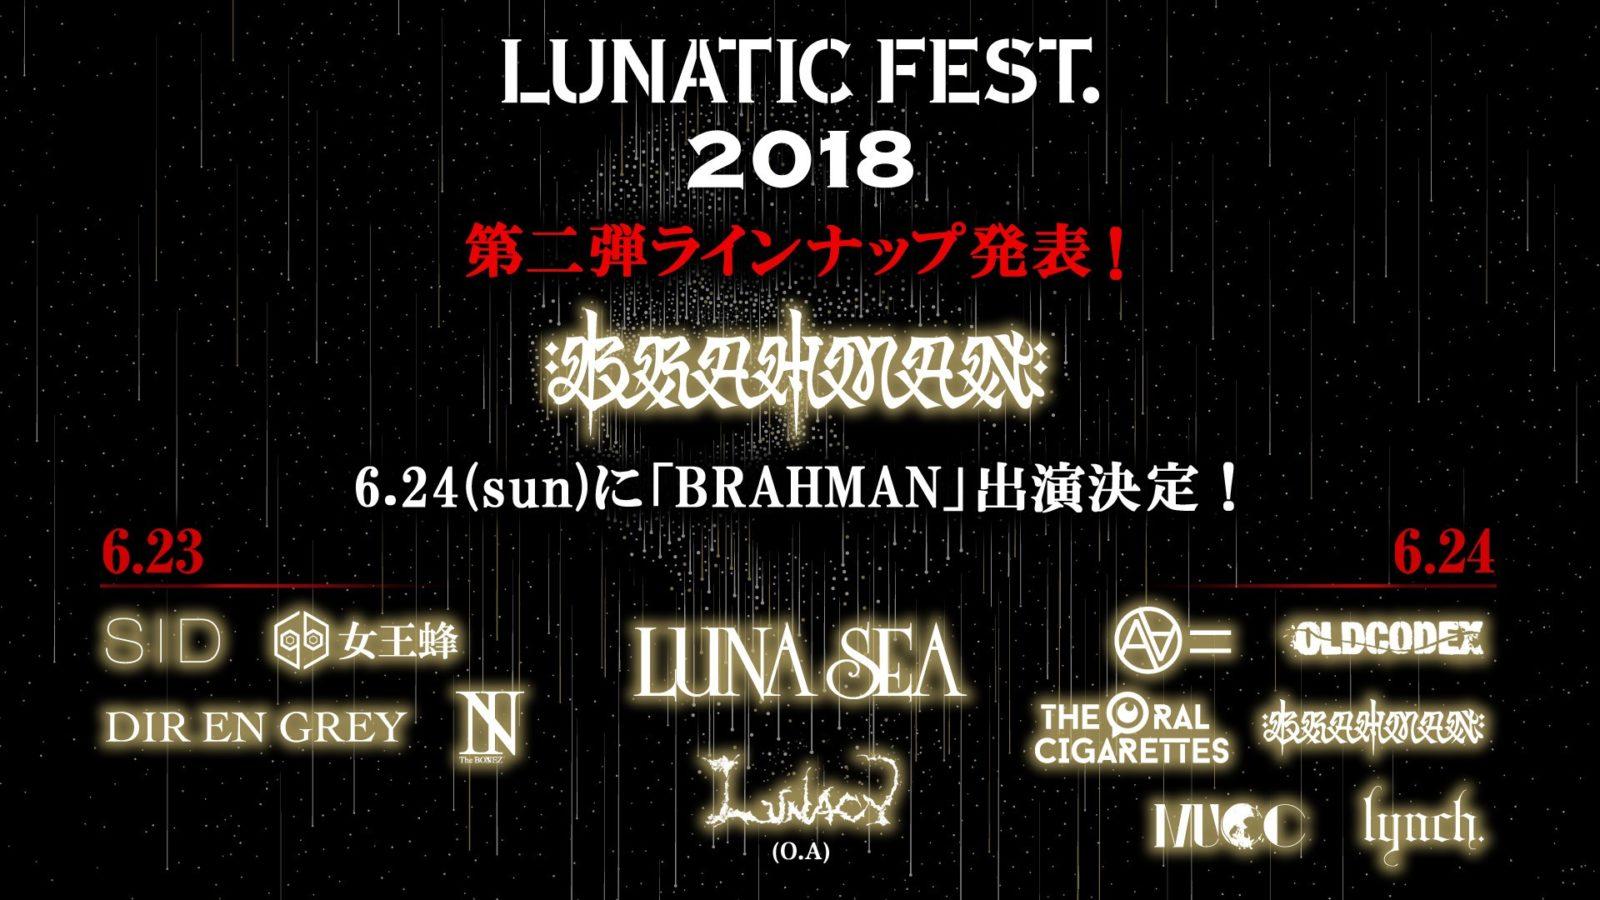 LUNA SEA 「LUNATIC FEST. 2018」第二弾アーティスト発表!BRAHMAN降臨サムネイル画像